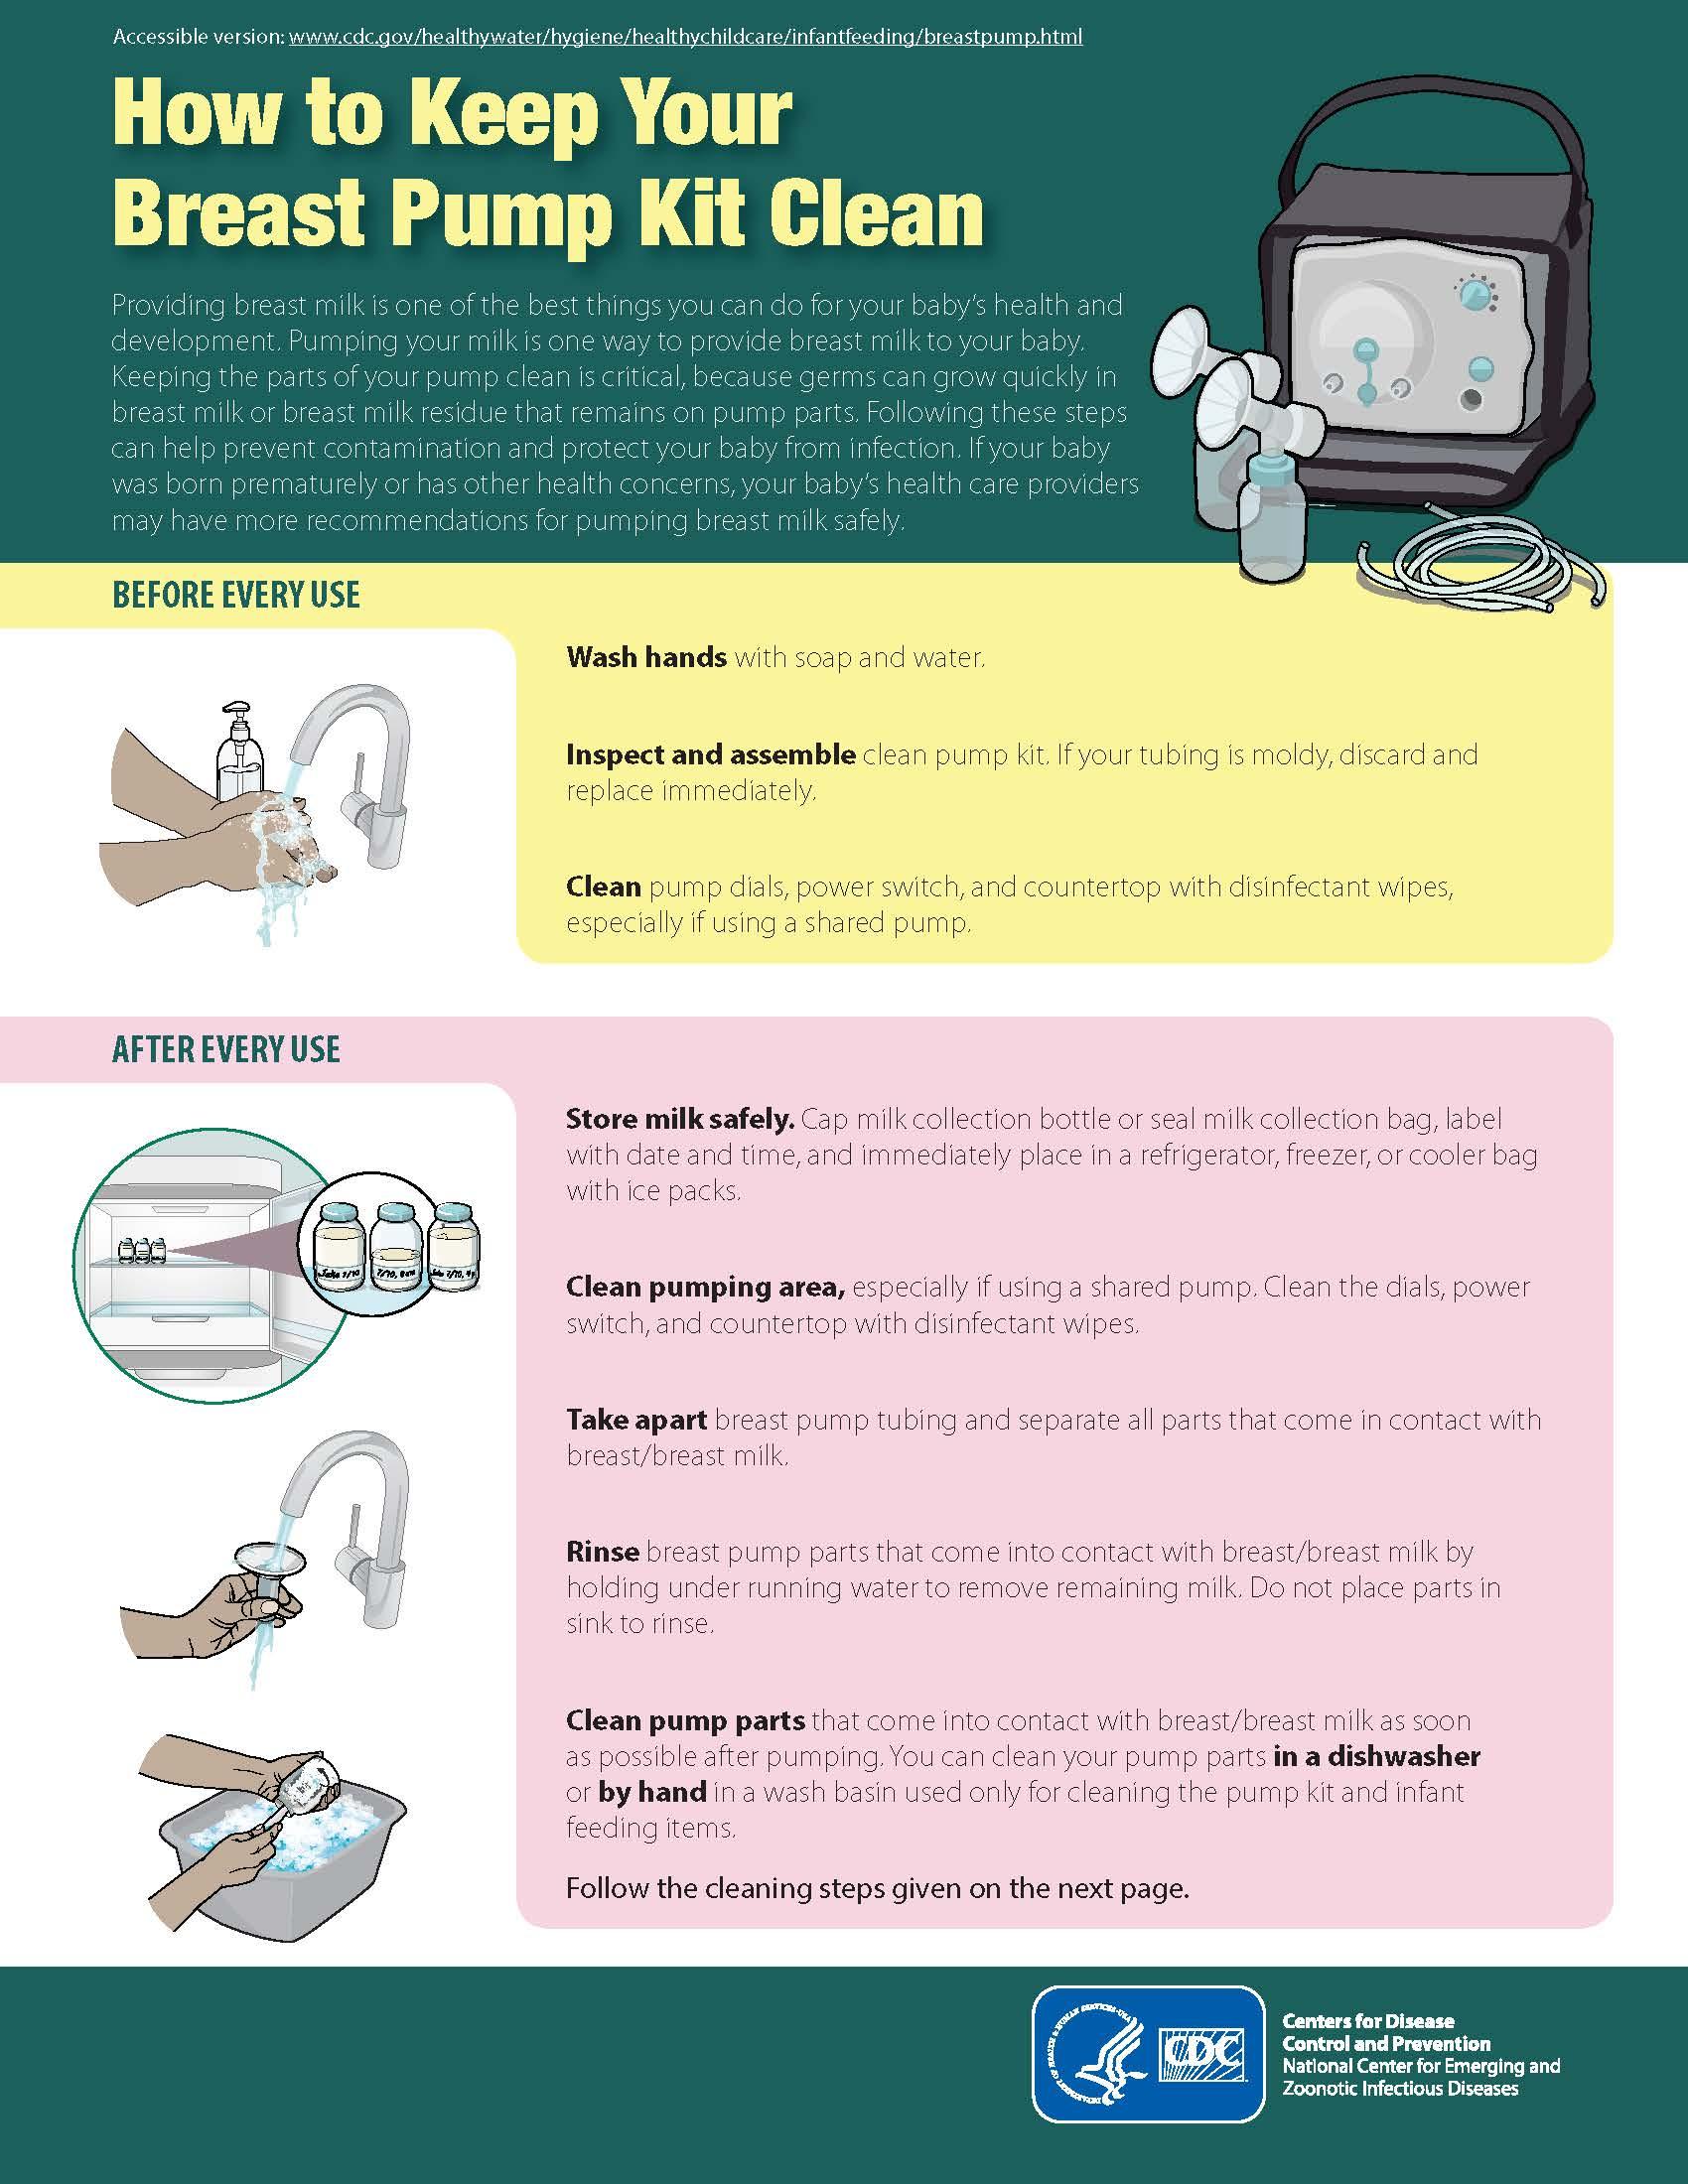 breast-pump-fact-sheet_Part1.jpg